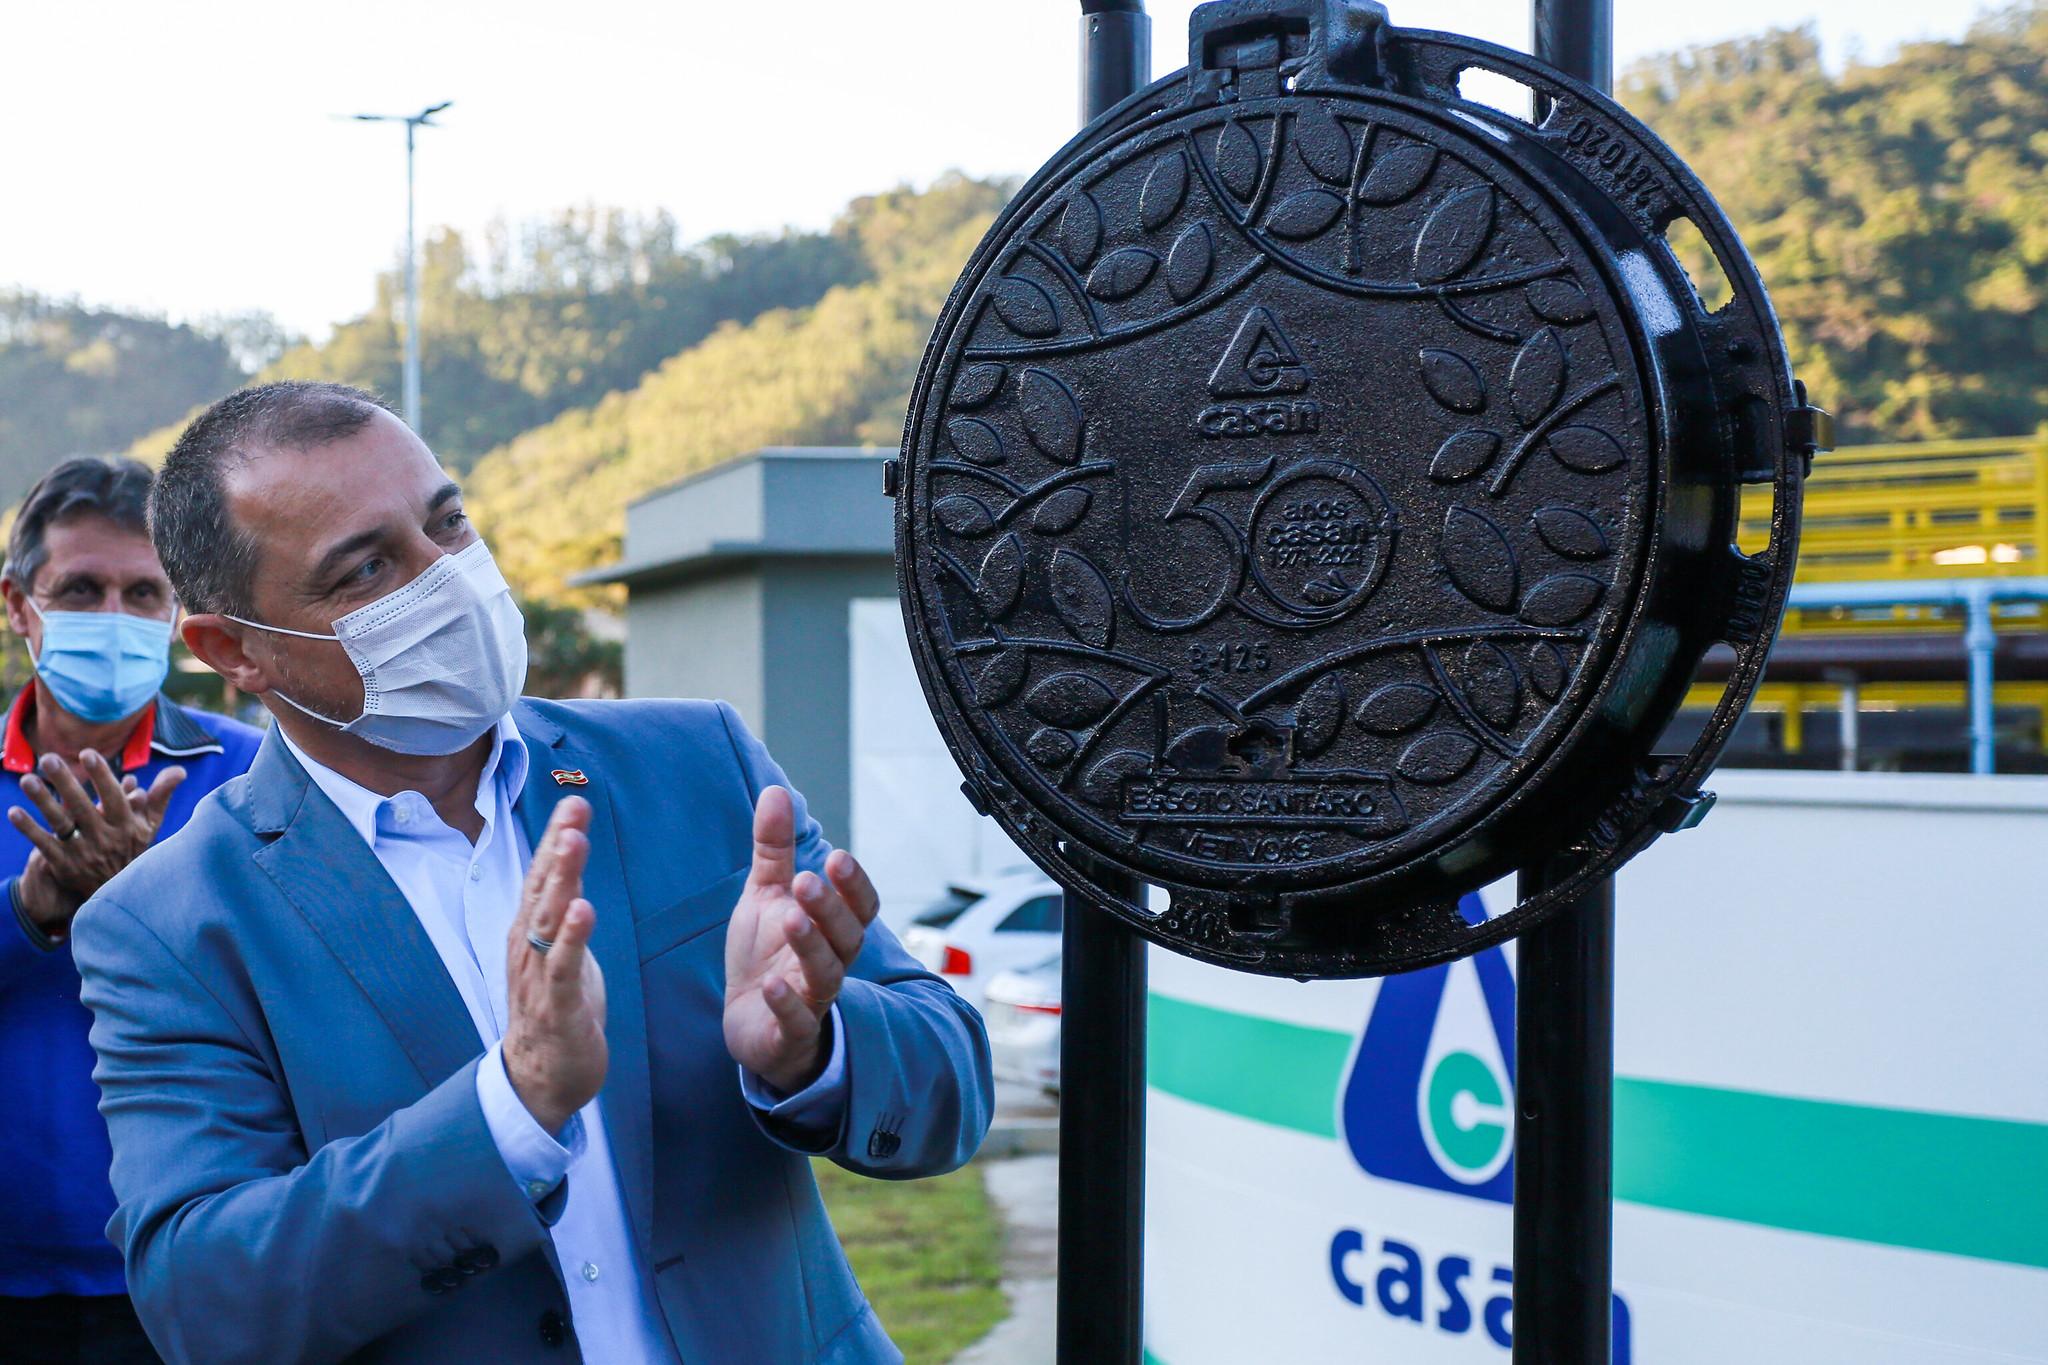 Saneamento Básico: Com investimento de R$ 16,7 milhões, governador inaugura sistema de esgotamento sanitário de Ibirama